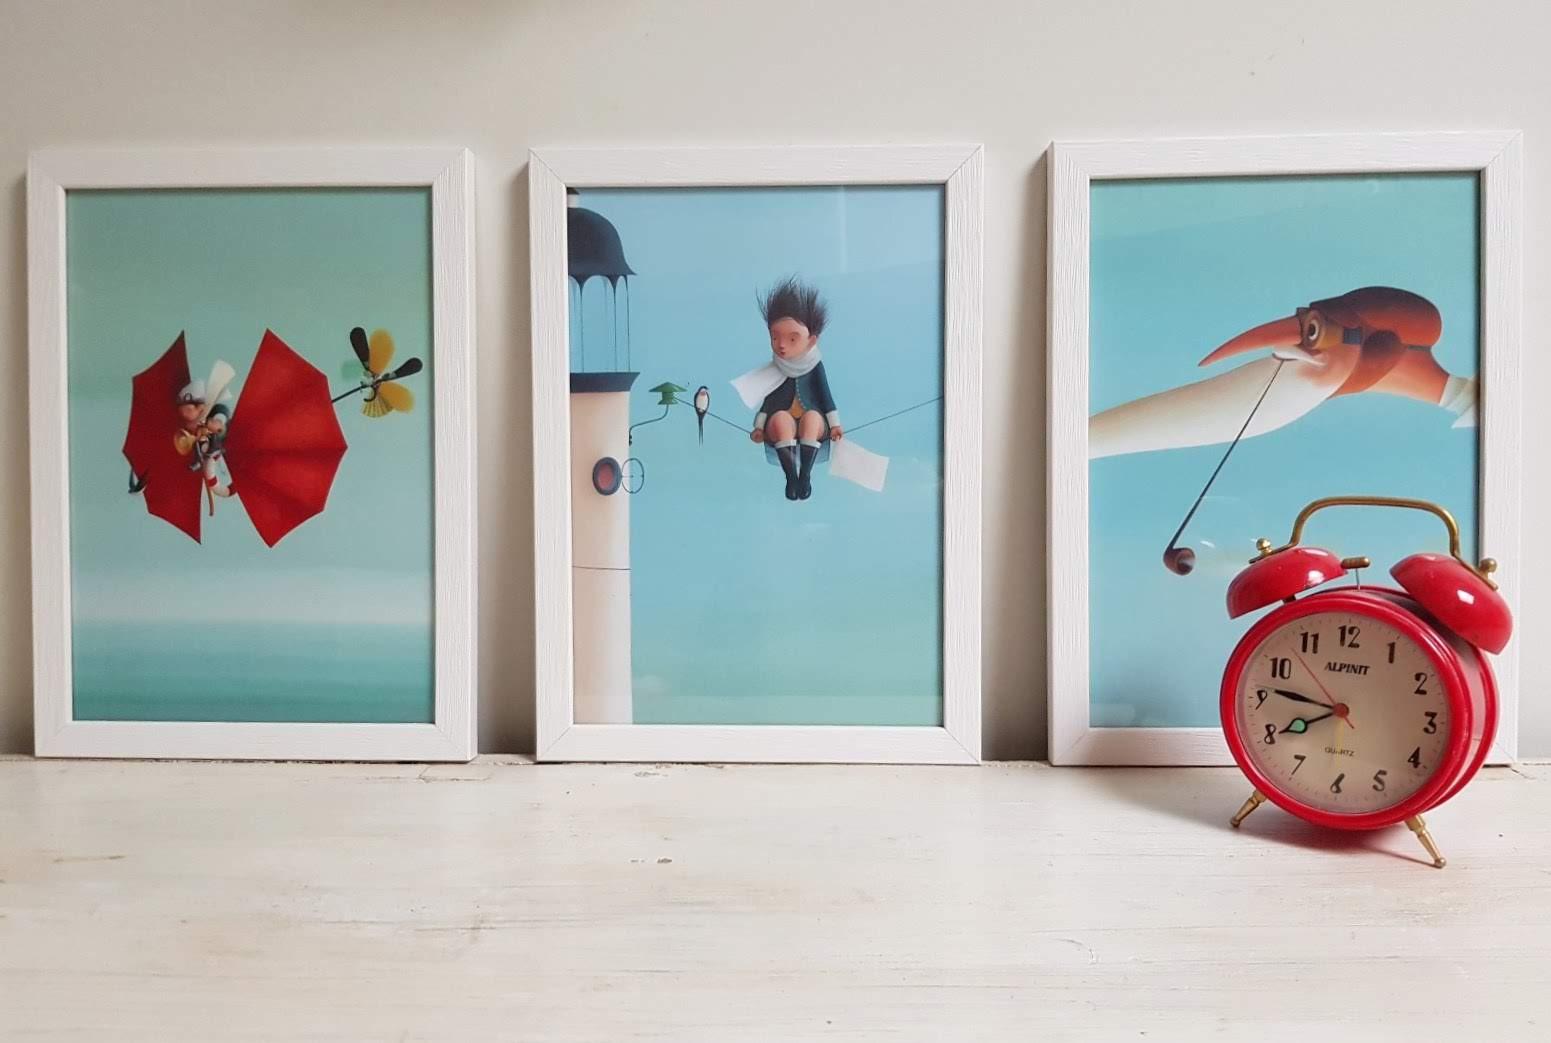 שלישית תמונות לחדר ילדים